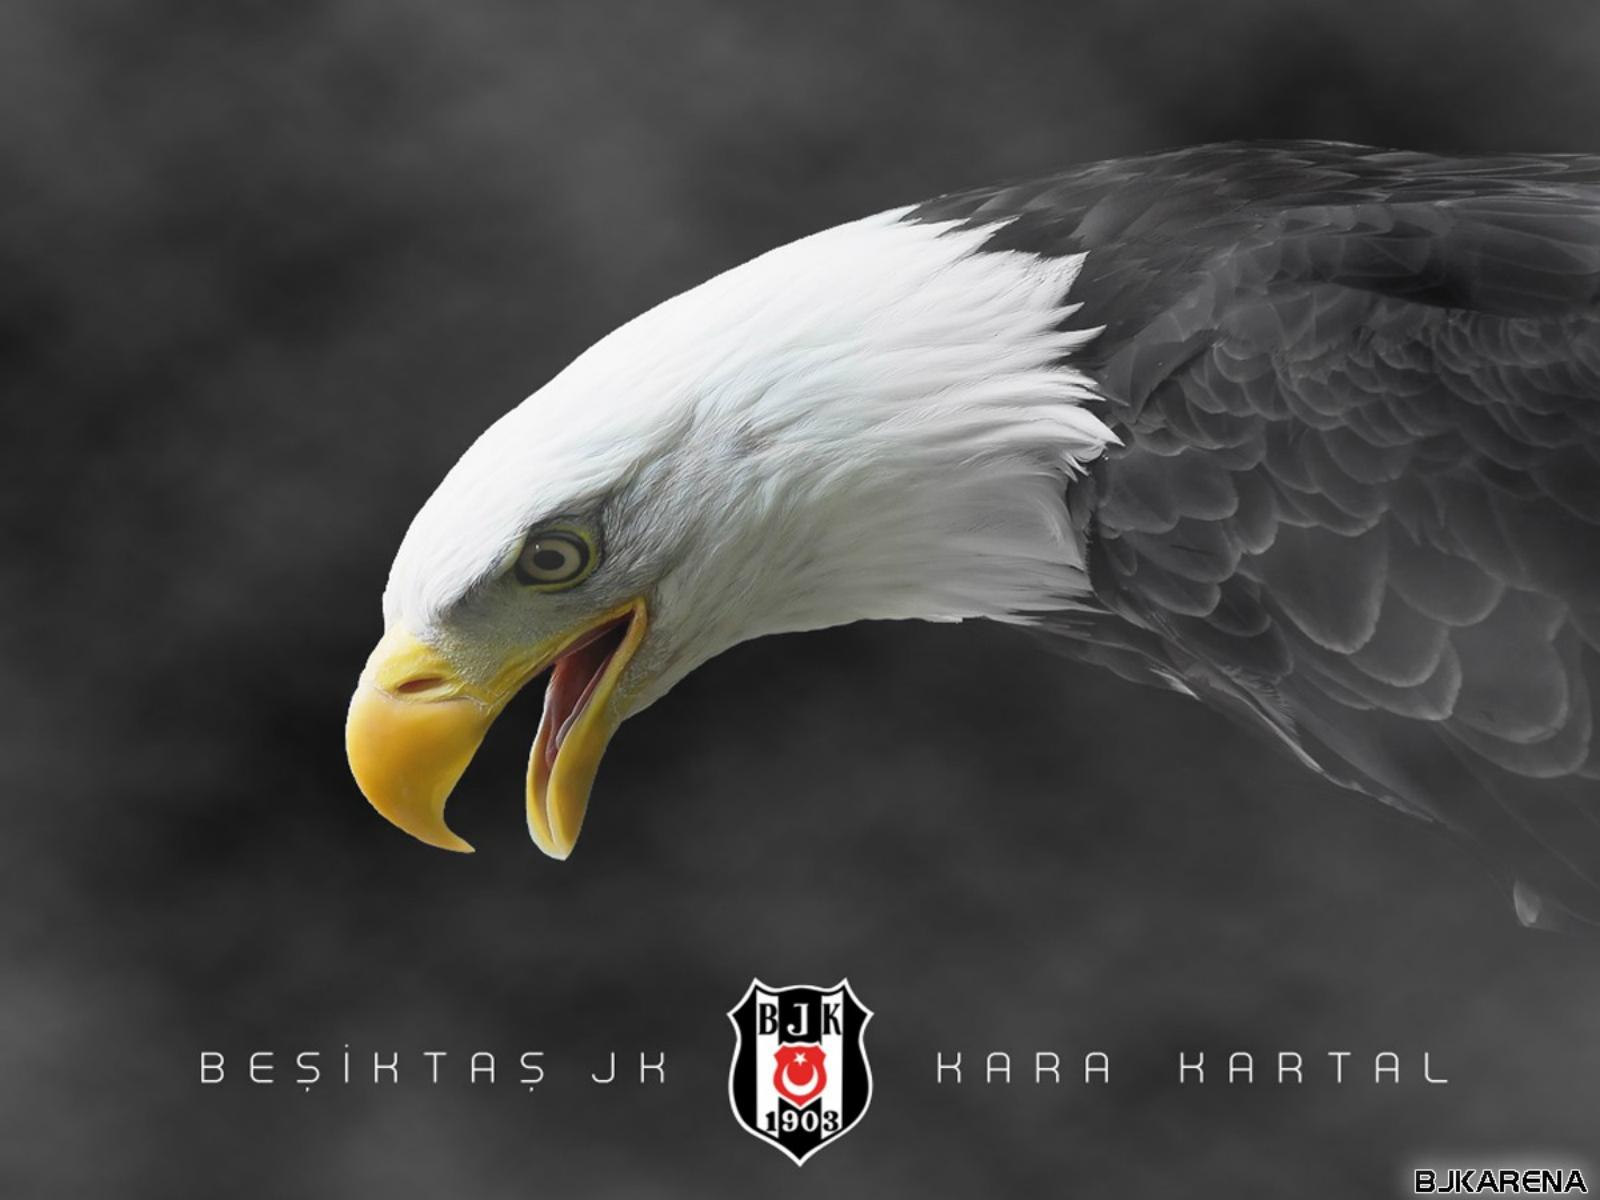 http://4.bp.blogspot.com/-KU8YVGXzUMs/TlmDWXBZ2gI/AAAAAAAAArs/PZEK8a8xBqU/s1600/www.Vvallpaper.net_bjk_besiktas_kara_kartal_logo_amblem_indir_siyah_beyaz_1600x1200_arena_bjk_arena.jpg